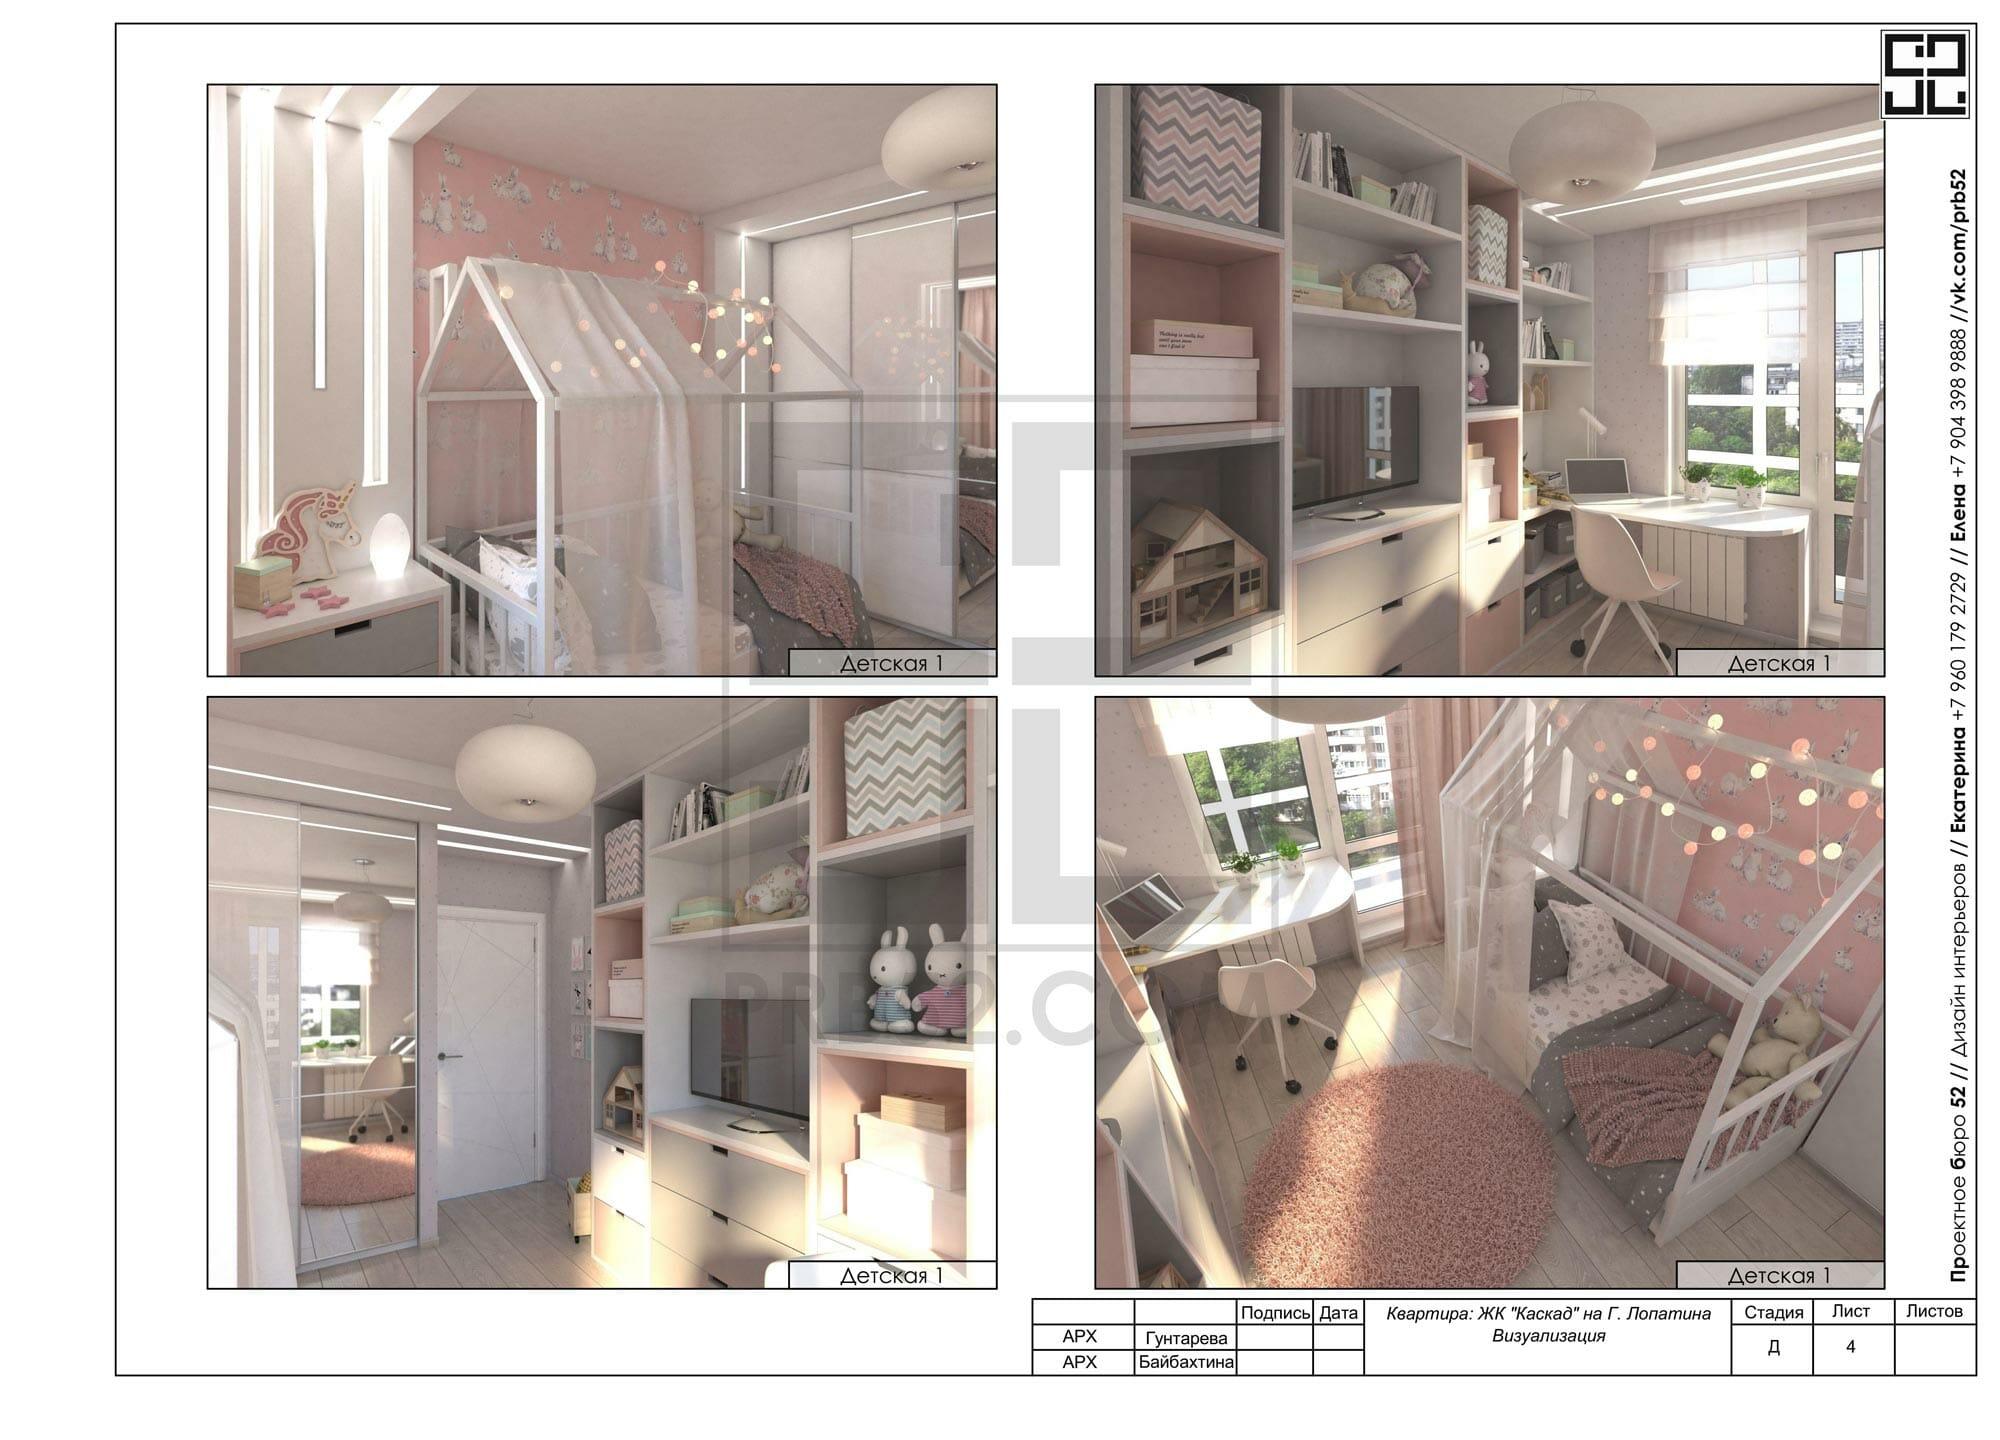 дизайн интерьера 3d визуализация